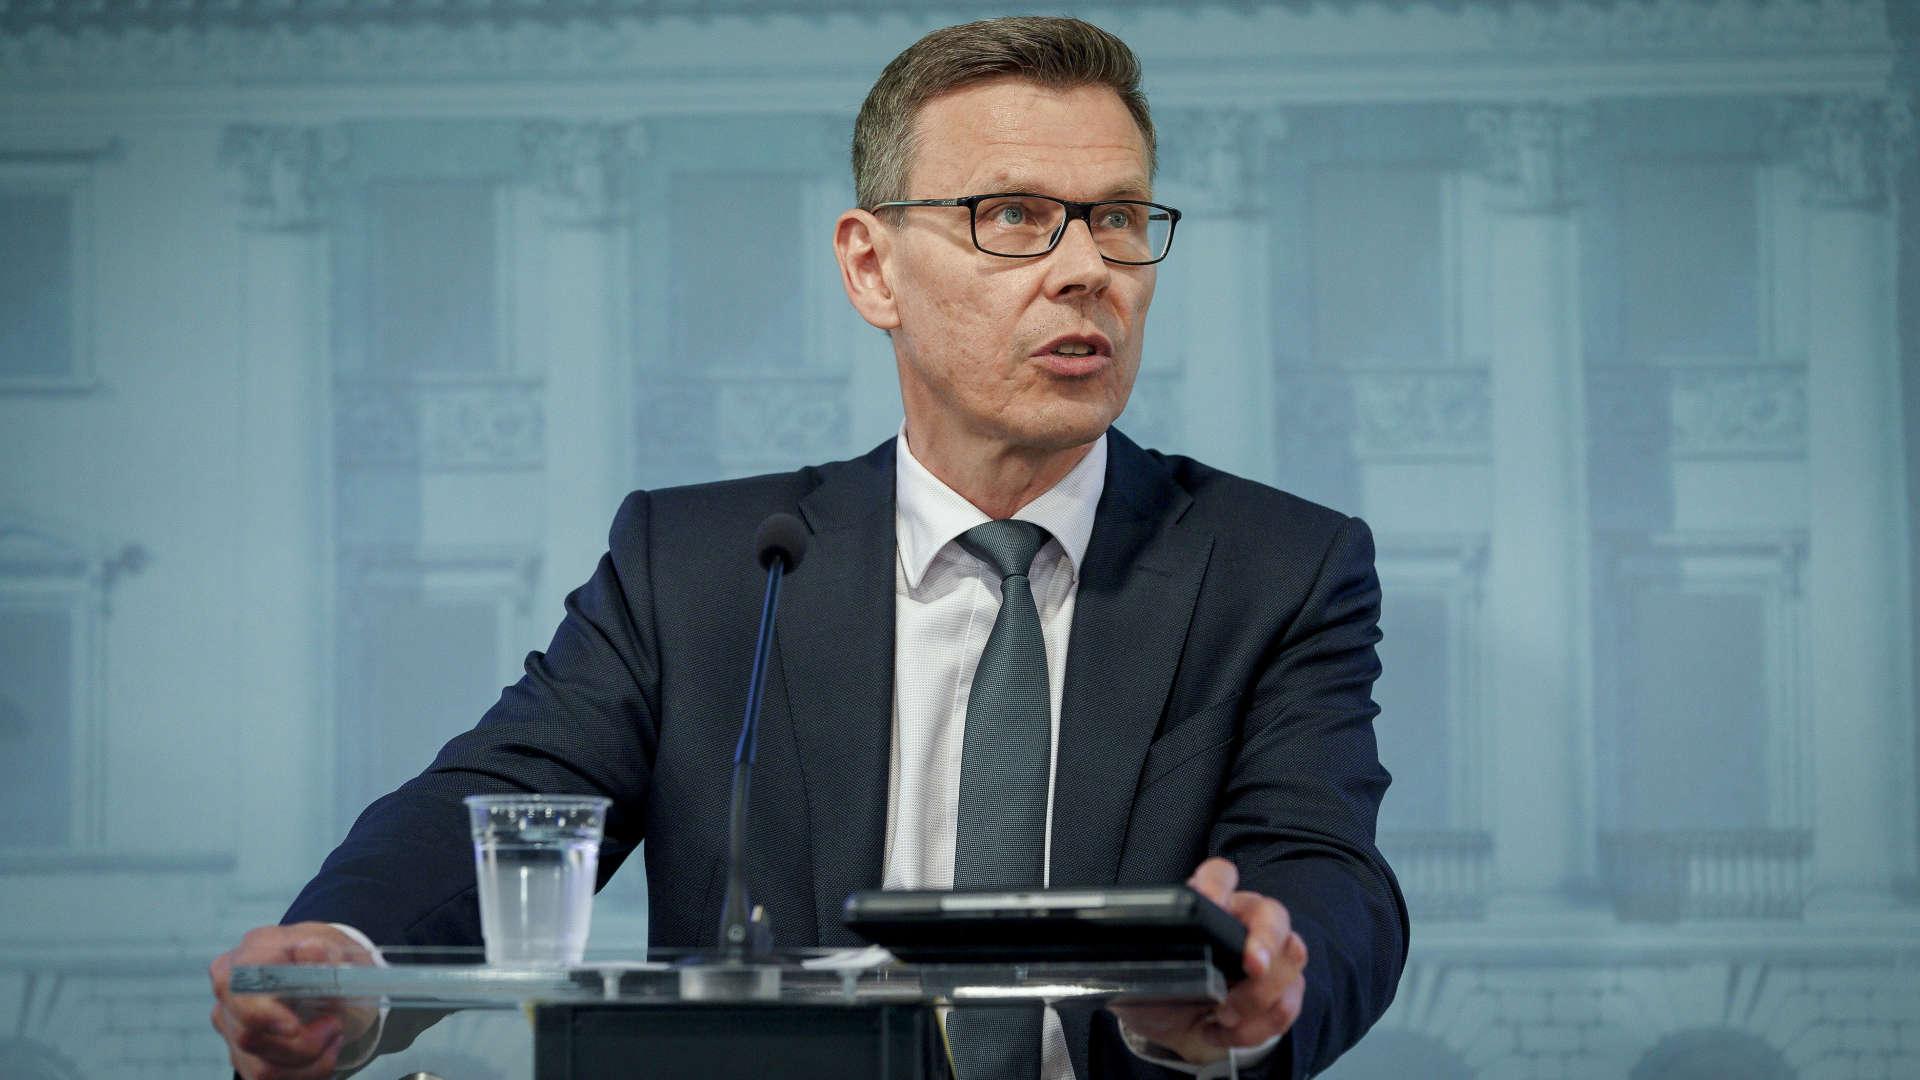 Valtiovarainministeriö arvioi Suomen talousnäkymiä